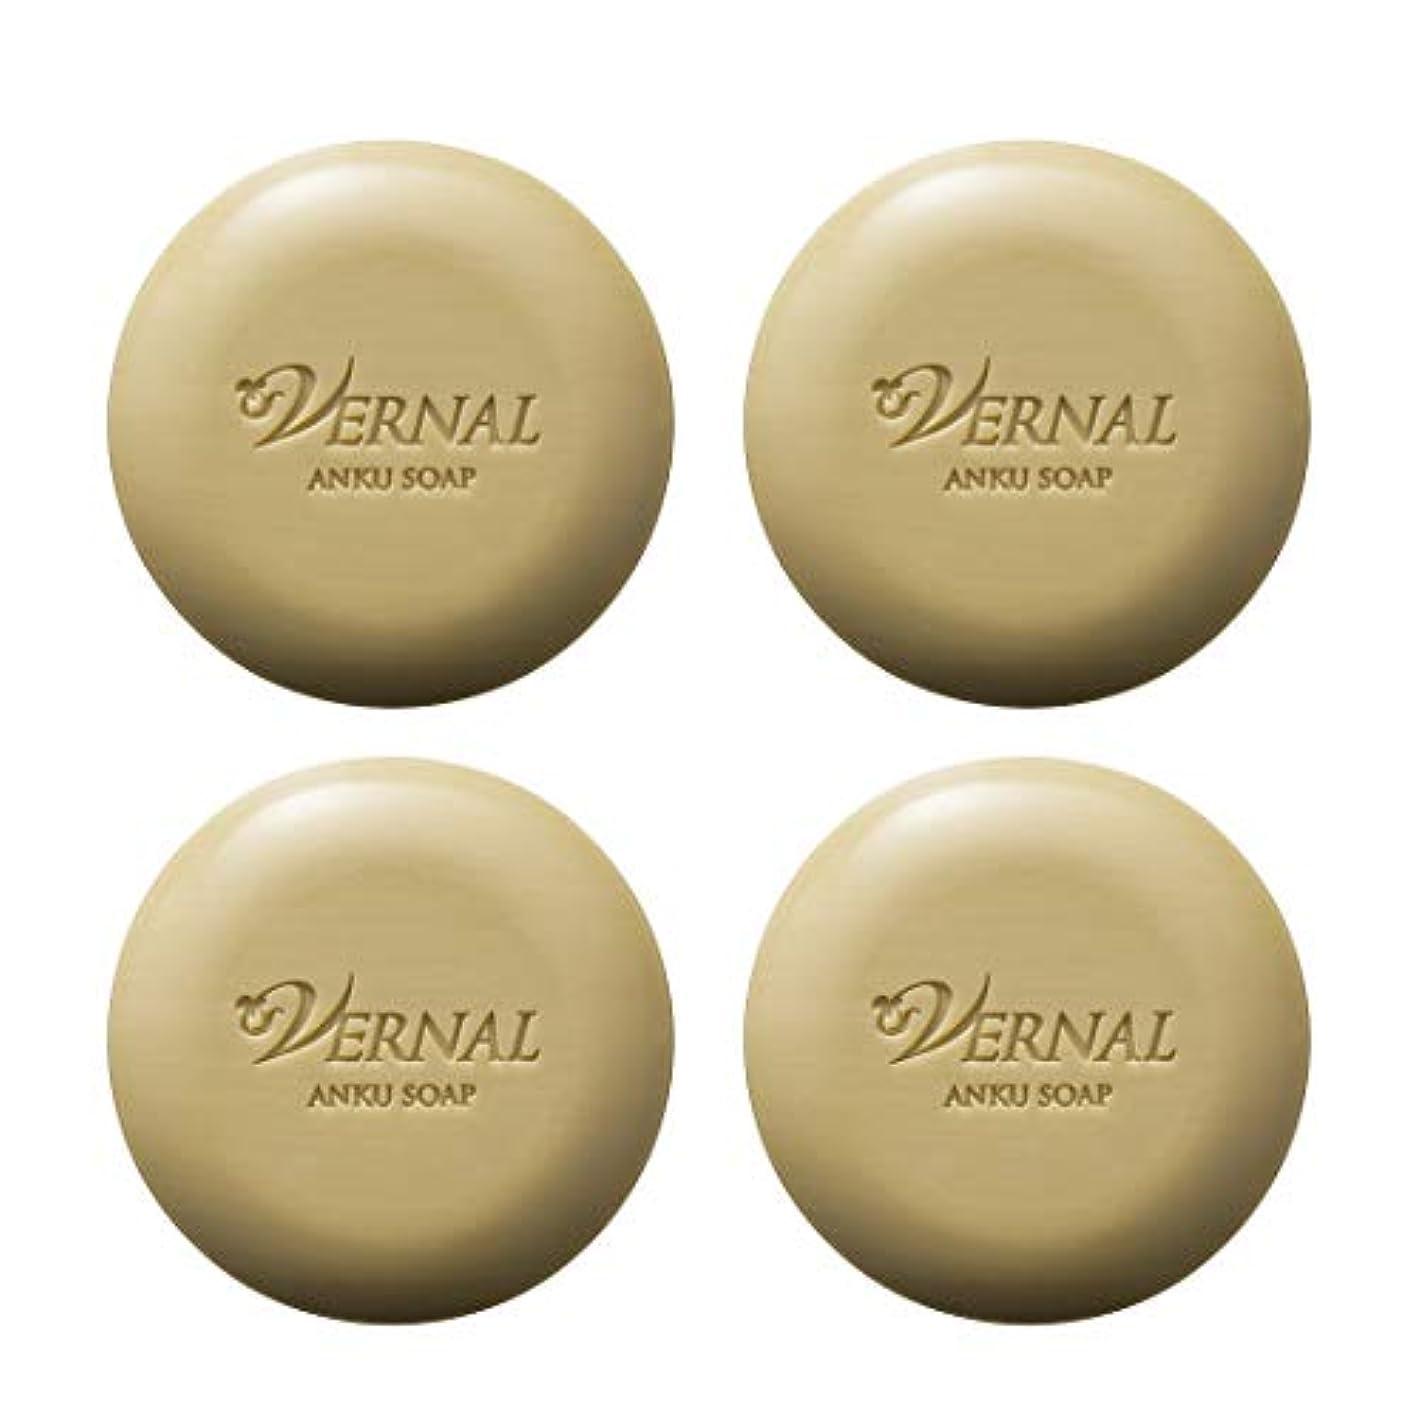 スナッチ厚い安定アンクソープ4個セット各110g/ ヴァーナル 洗顔石鹸 お得価格